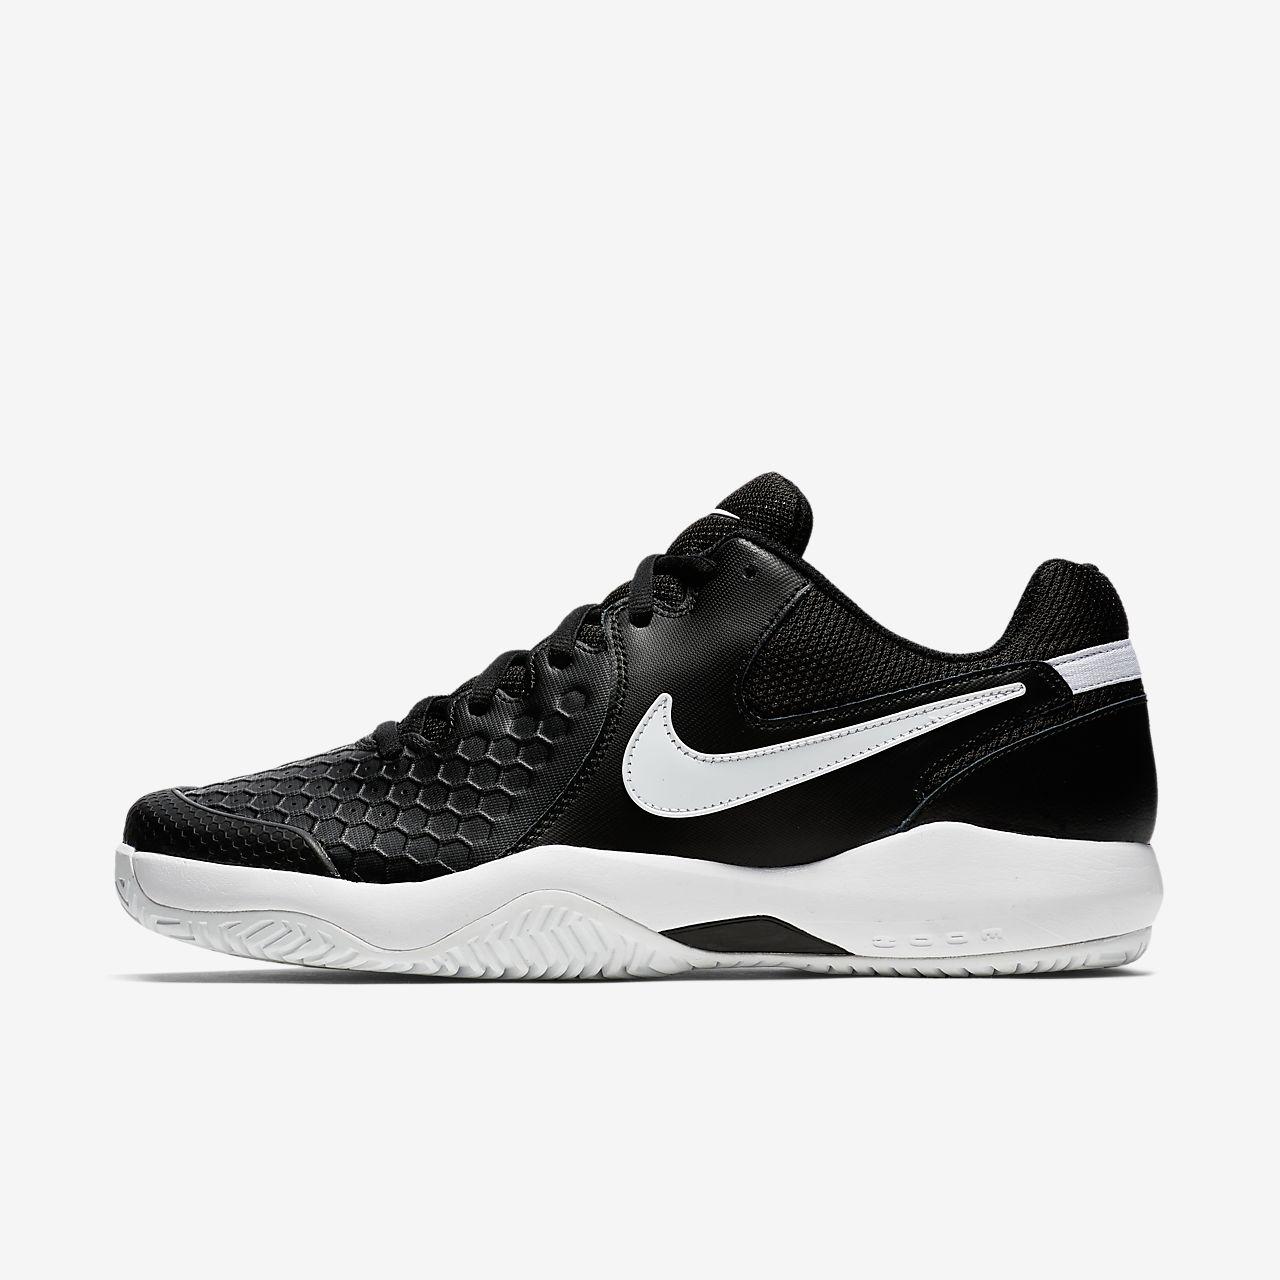 new products 493b6 51749 ... Chaussure de tennis pour surface dure NikeCourt Air Zoom Resistance  pour Homme